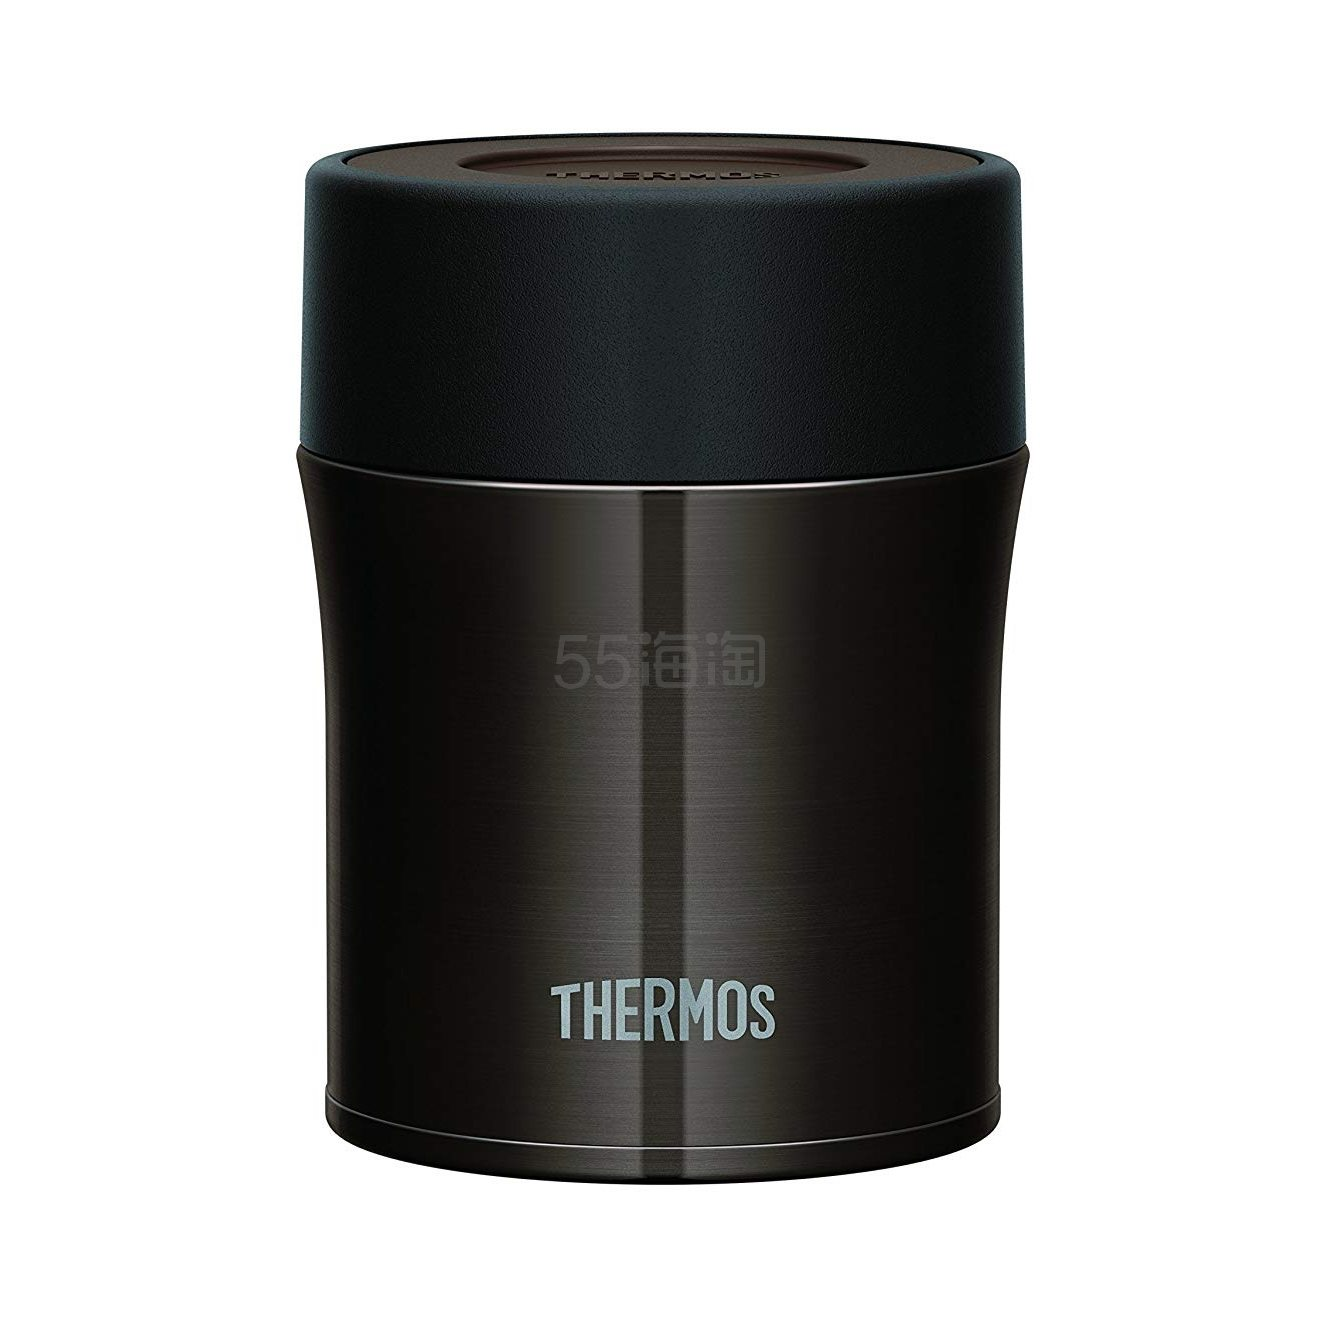 【中亚Prime会员】THERMOS 膳魔师 JBM-500-BK 不锈钢焖烧杯 500ml 到手价170元 - 海淘优惠海淘折扣|55海淘网